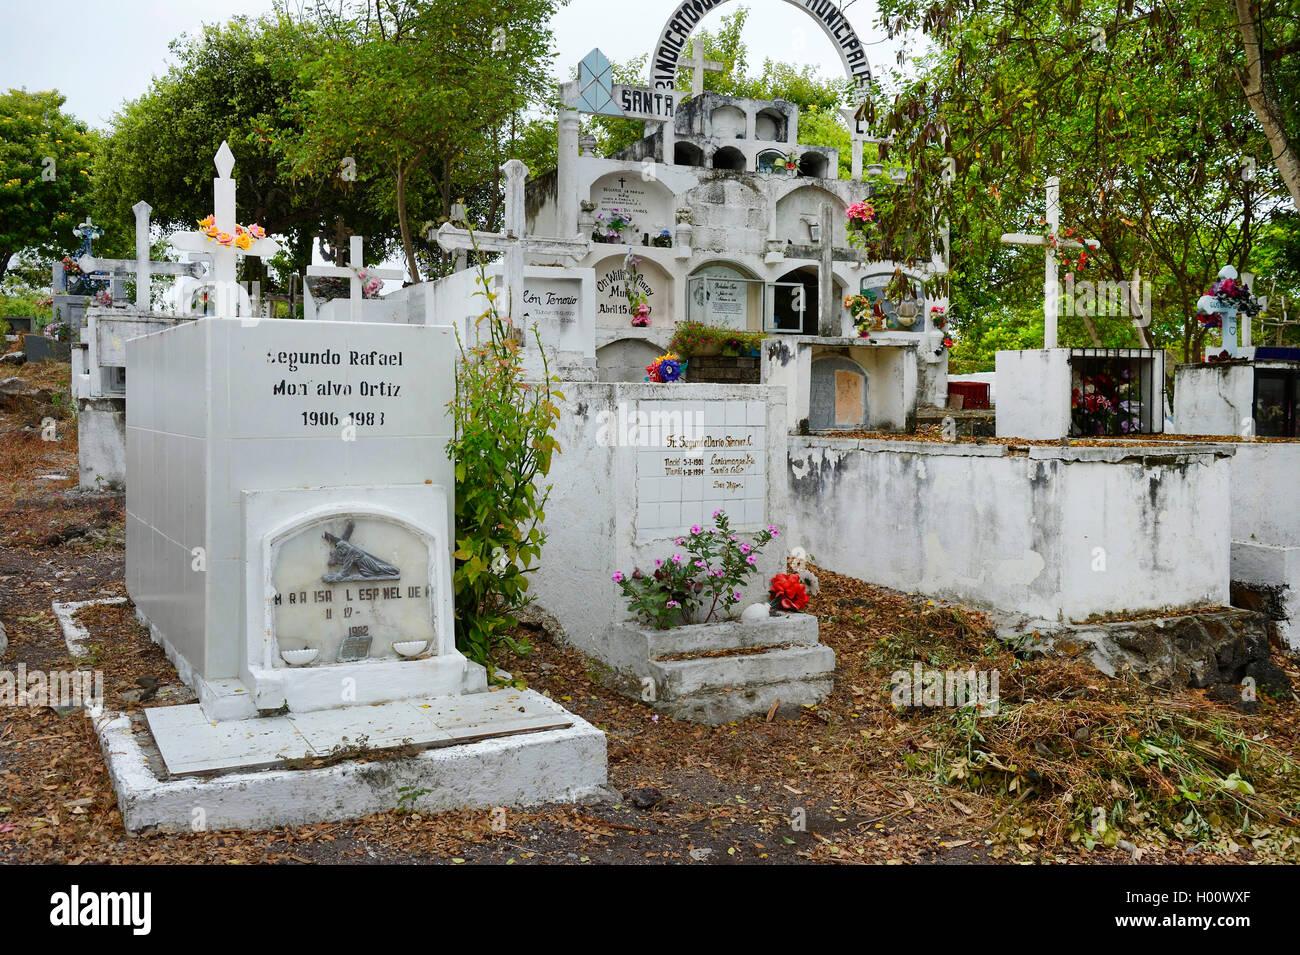 Graeber auf einem landestypischen Friedhof, Ecuador, Galapagos-Inseln, Santa Cruz | graves on a country-specific - Stock Image